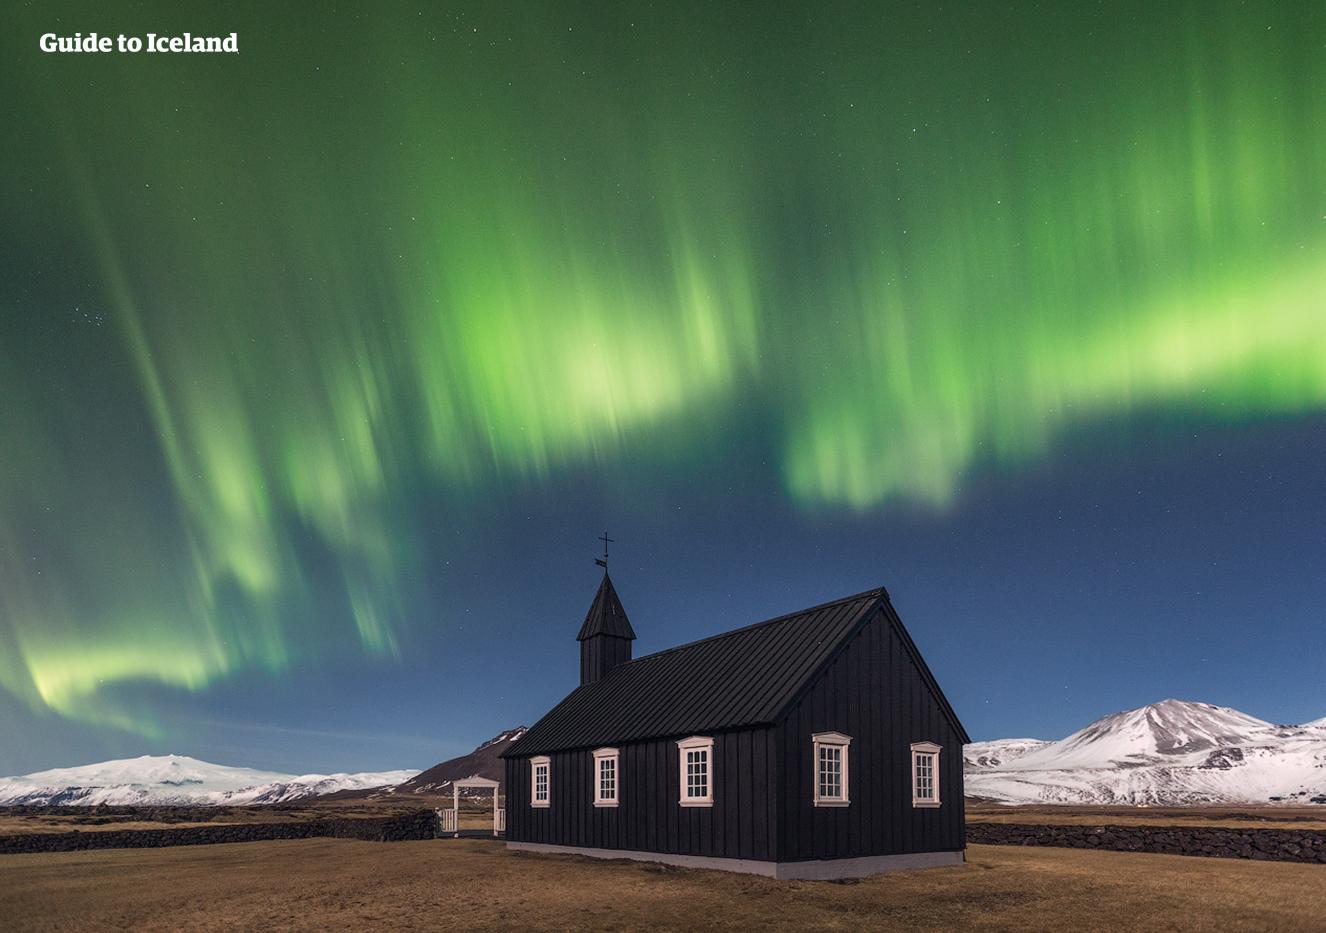 冰岛西部斯奈山半岛的Búðir布迪尔黑教堂在舞动的北极光下景致动人